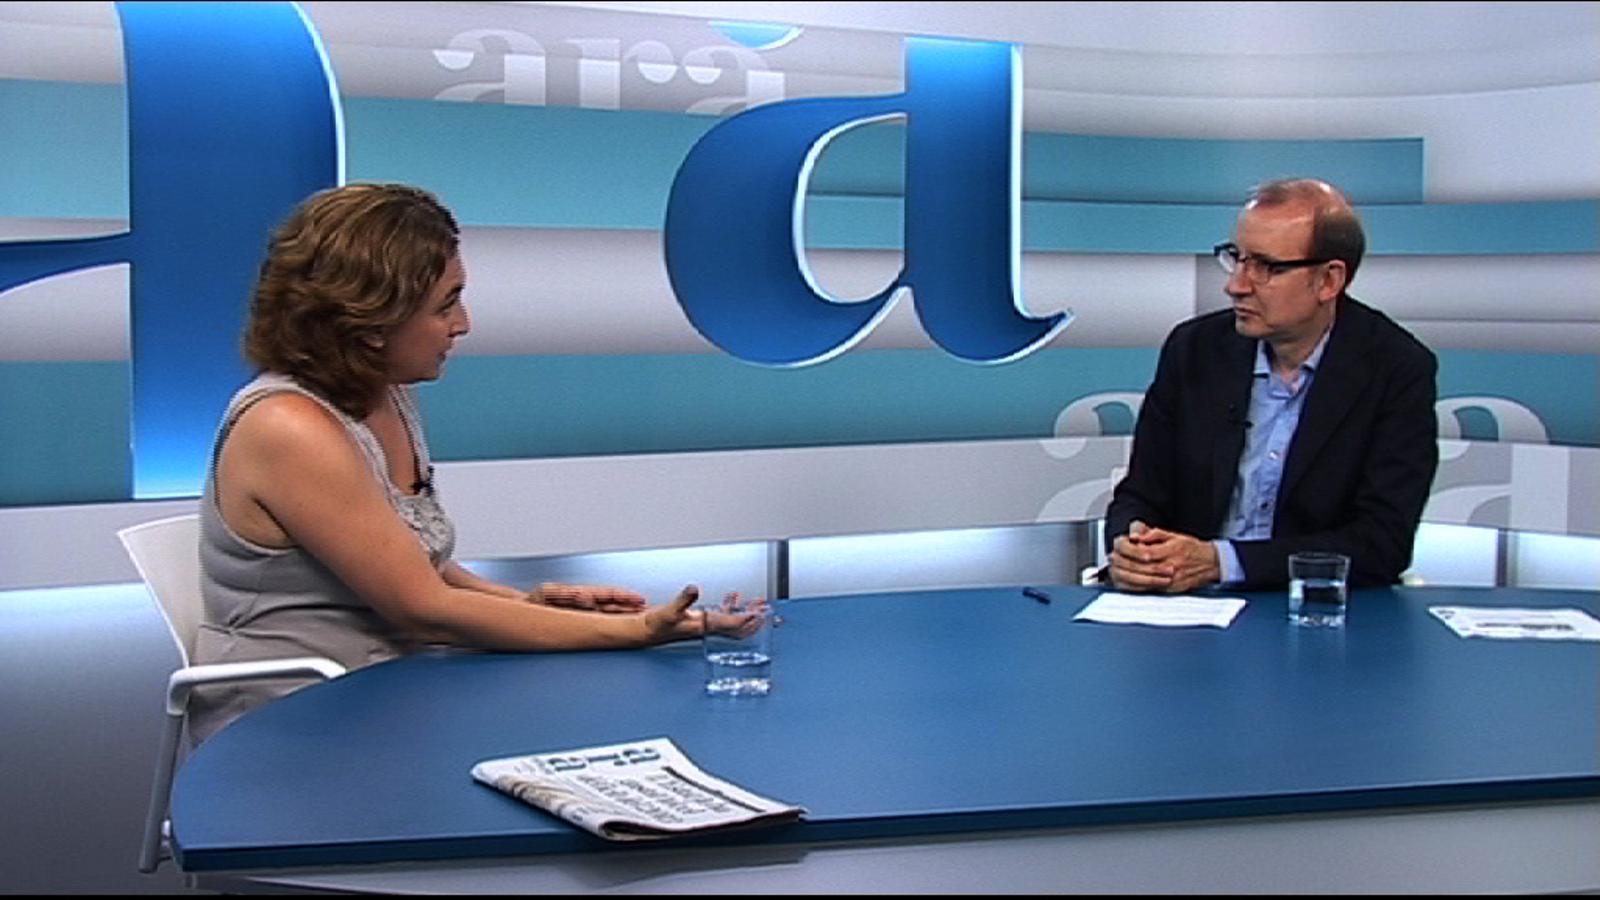 Ada Colau: La llei sobreprotegeix els bancs i és una obligació moral desobeir una llei injusta